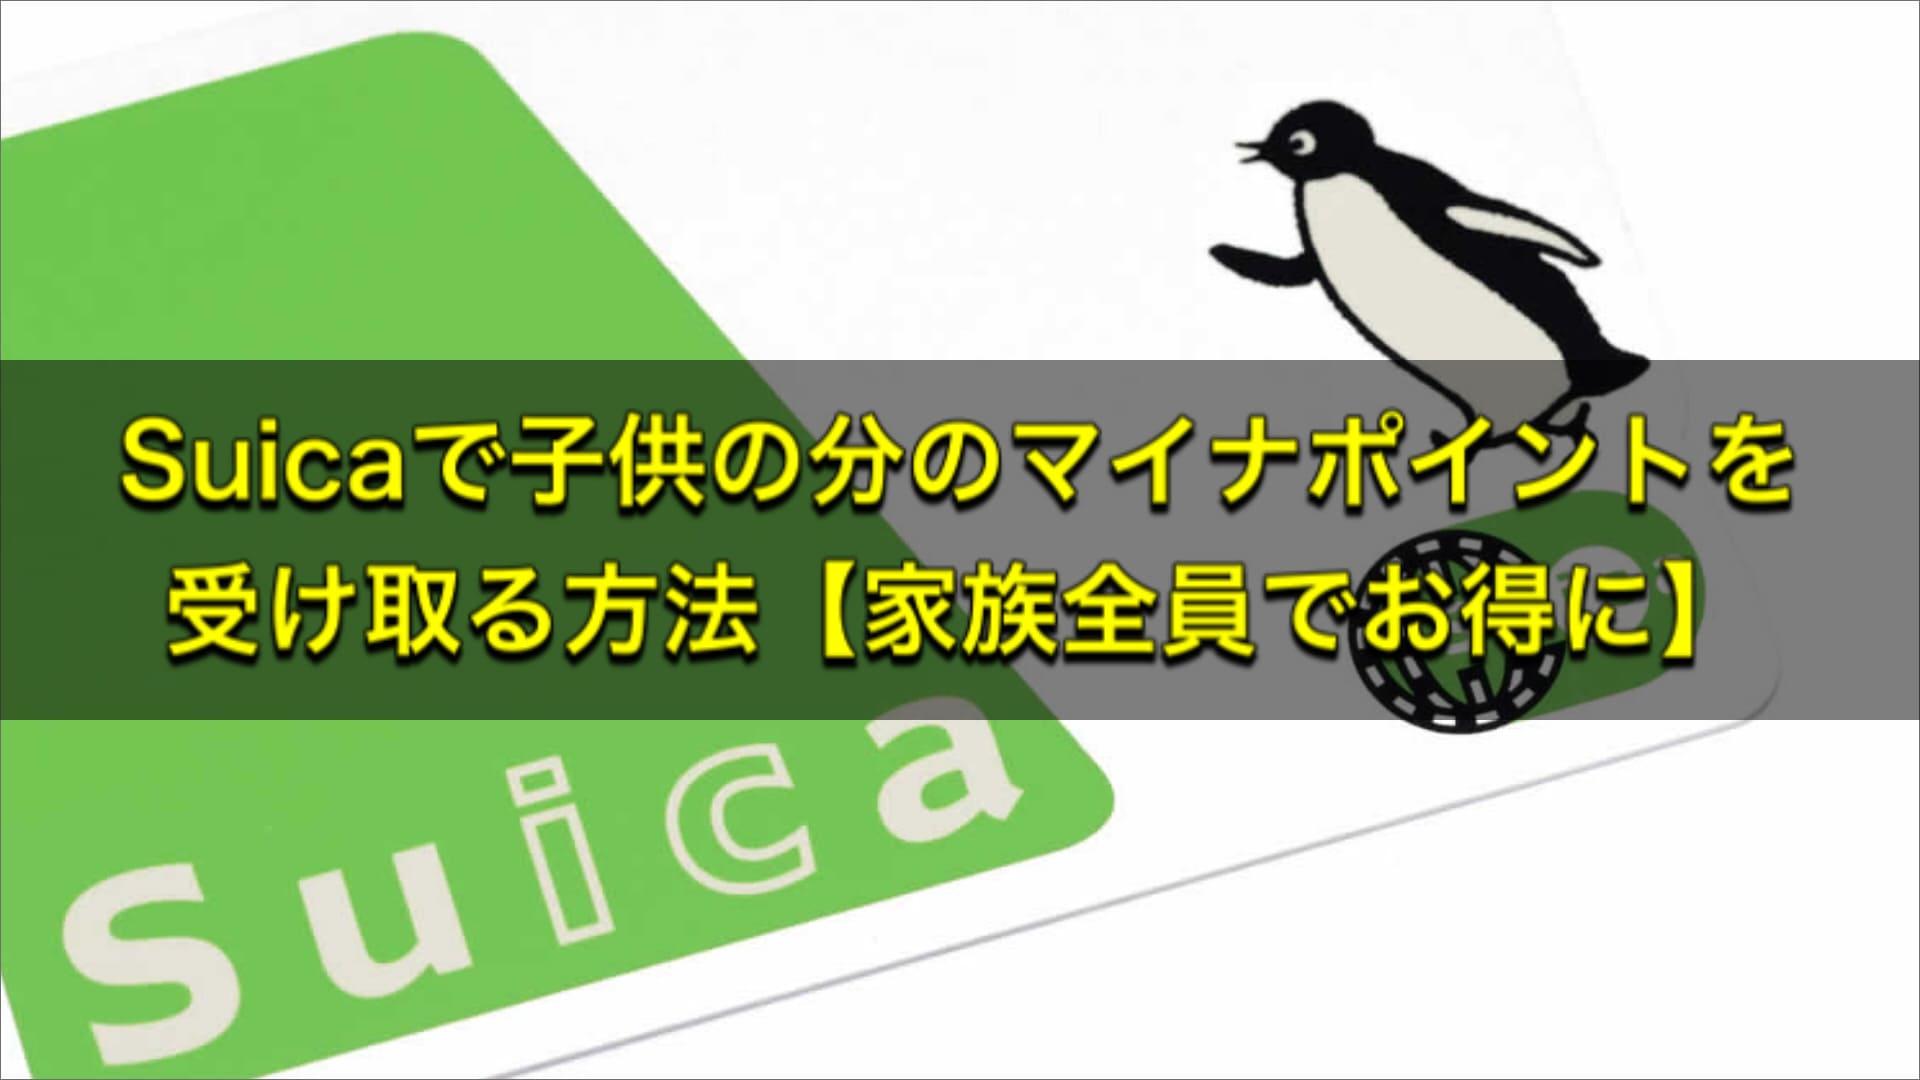 【徹底解説】Suicaで子供の分のマイナポイントを受け取る方法【家族全員でお得に】